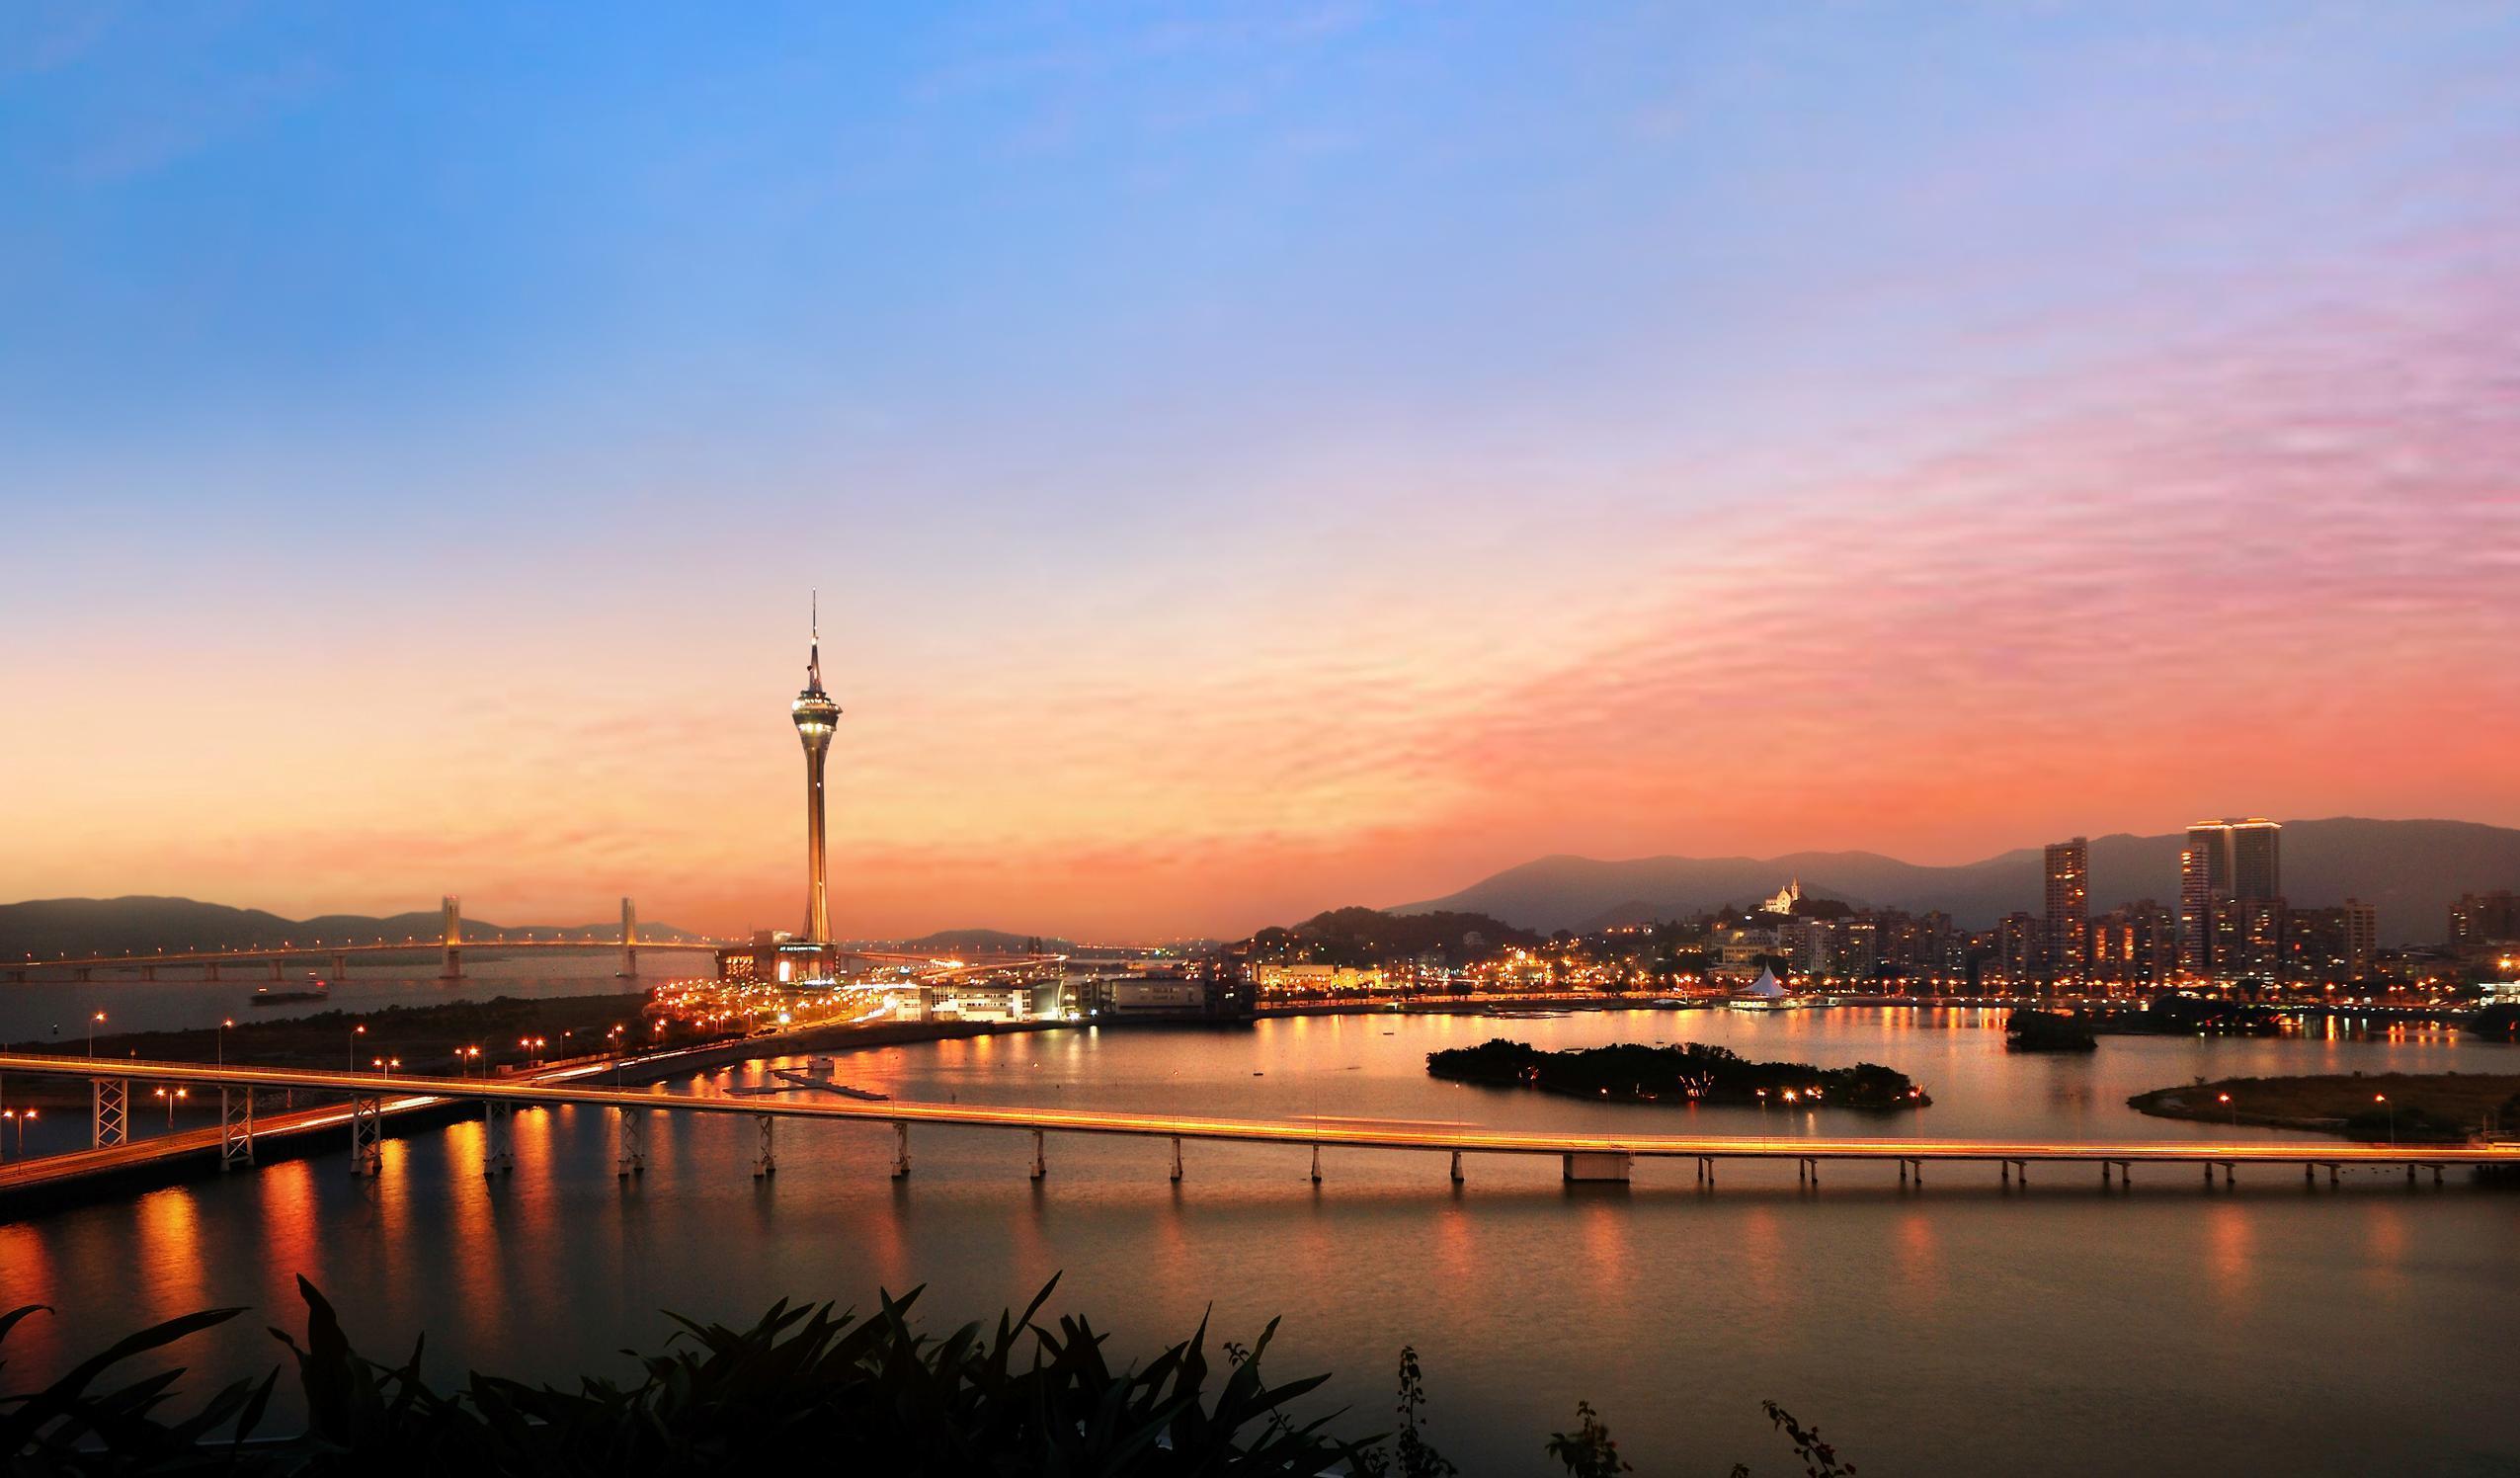 【喷射飞航】香港至澳门单程机船票